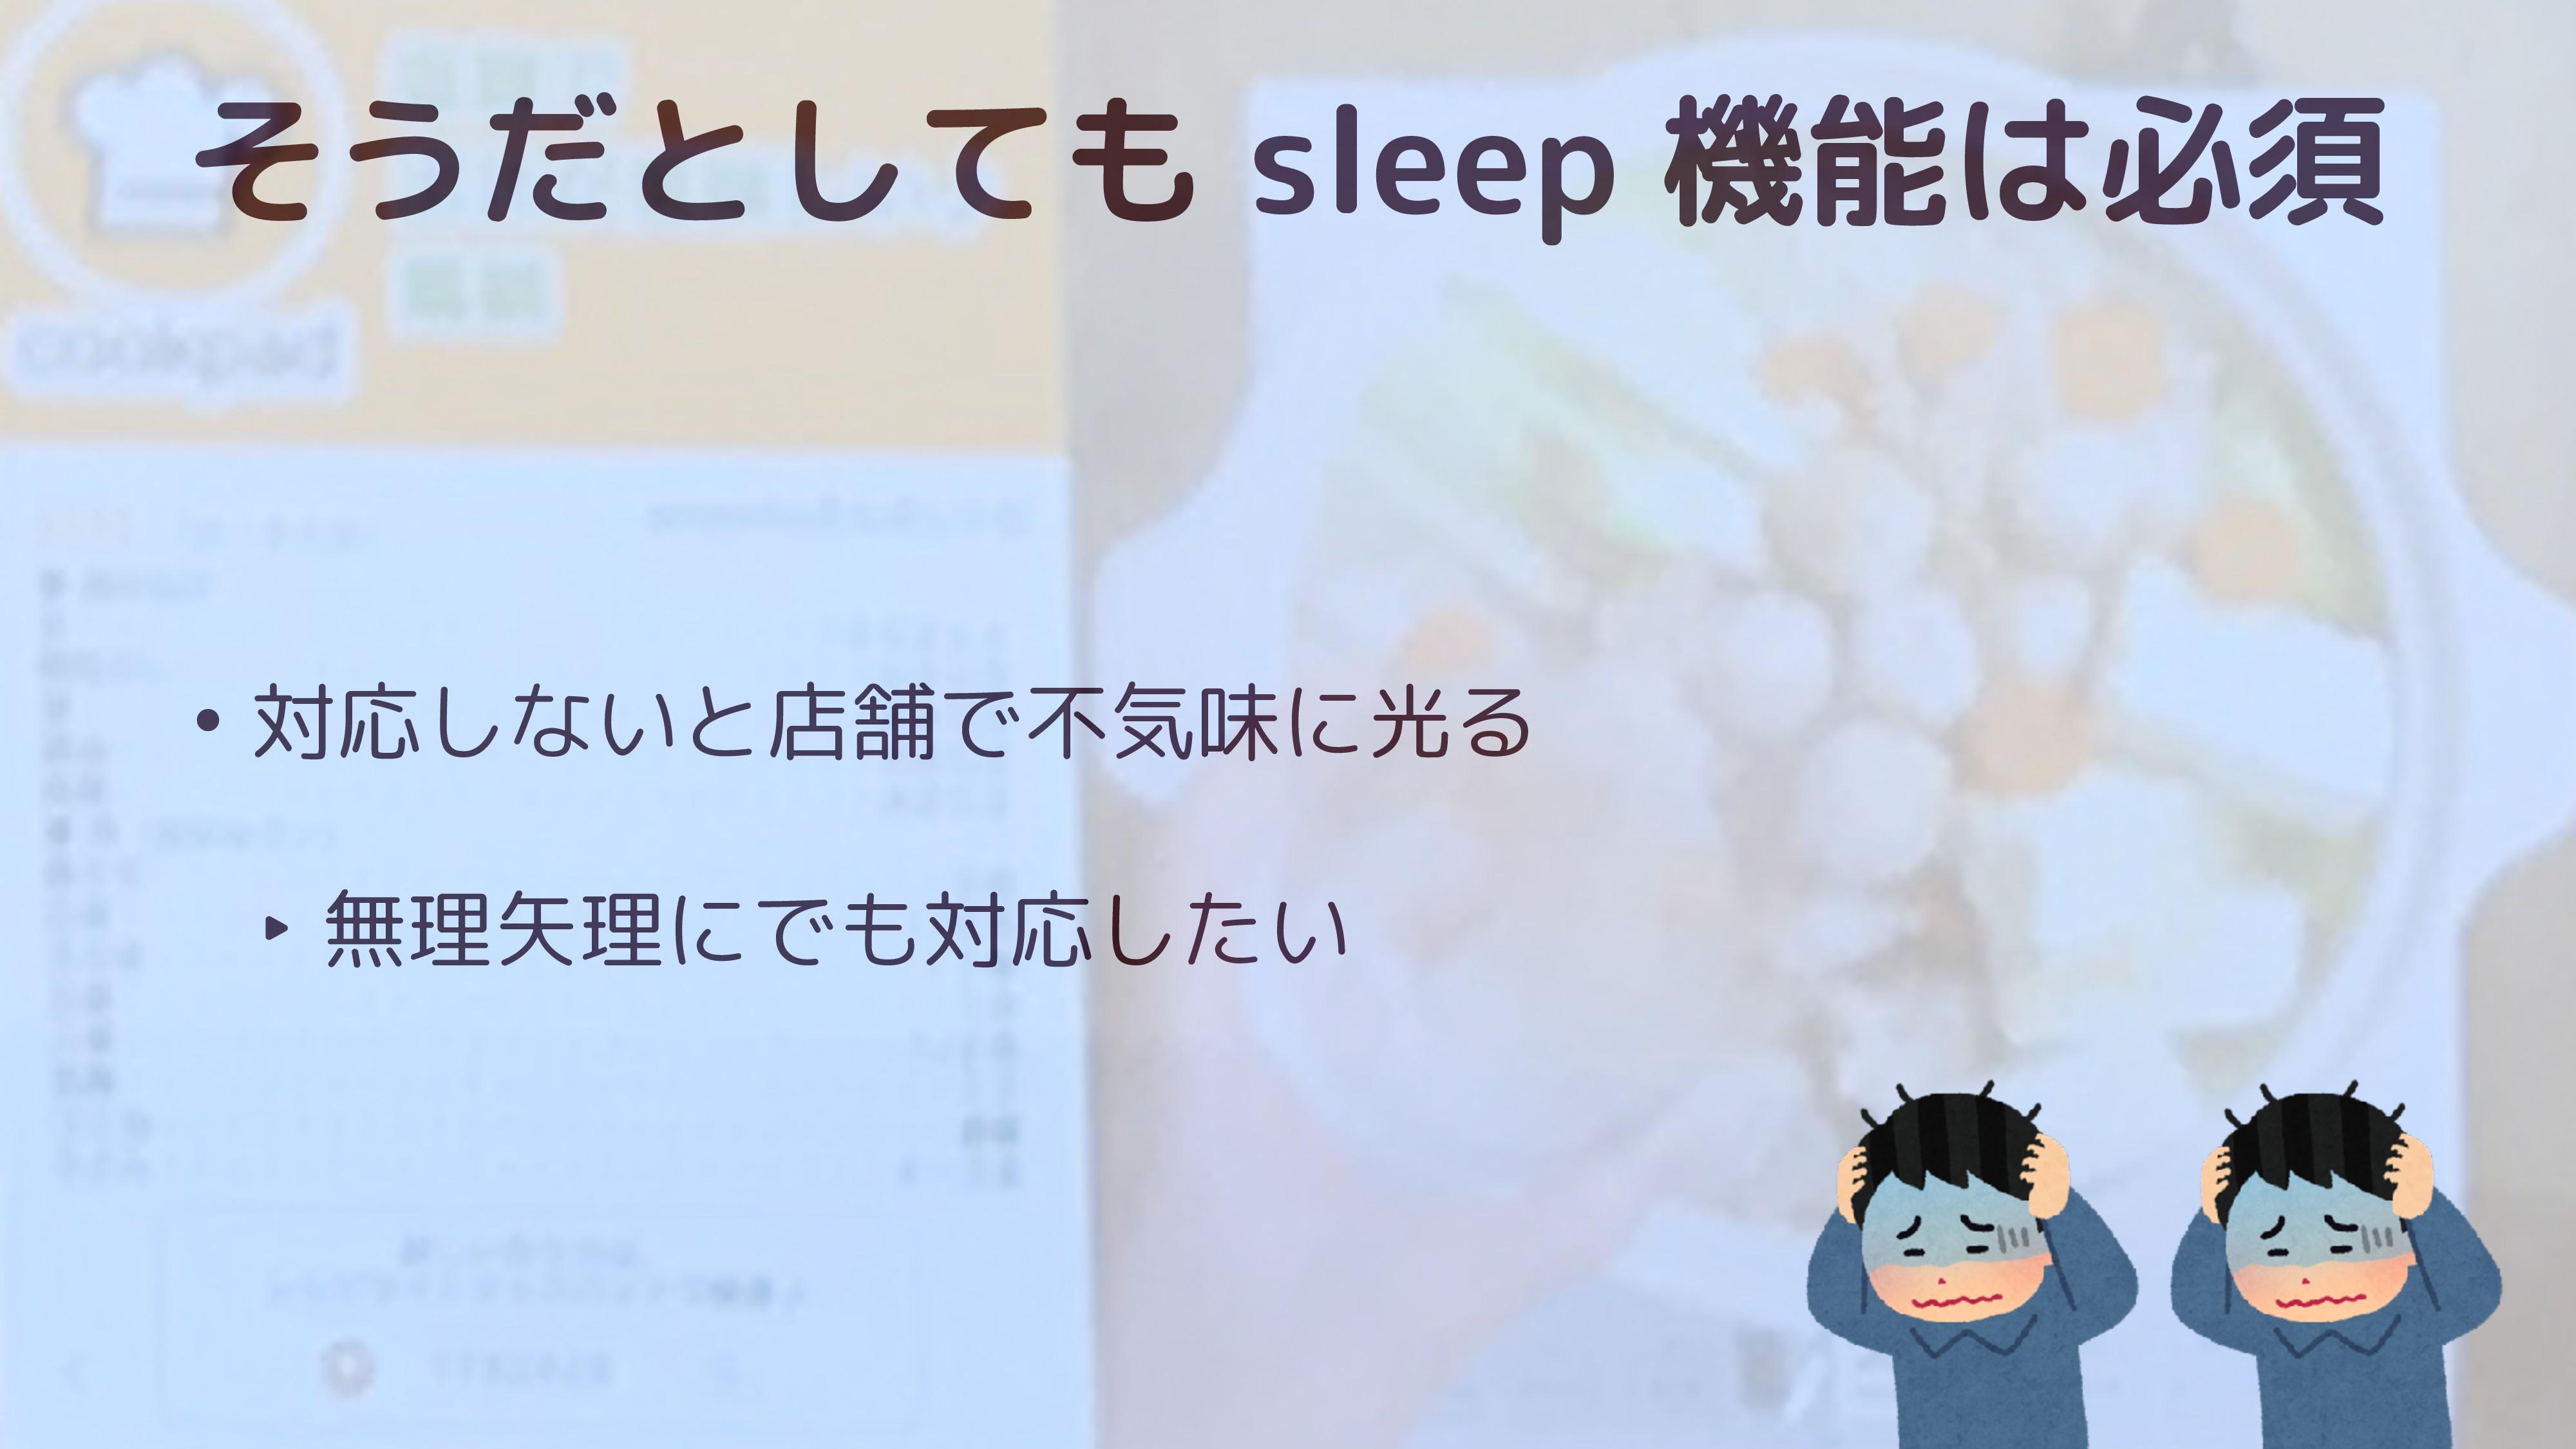 そうだとしても sleep 機能は必須 • 対応しないと店舗で不気味に光る ‣ 無理矢理にでも...